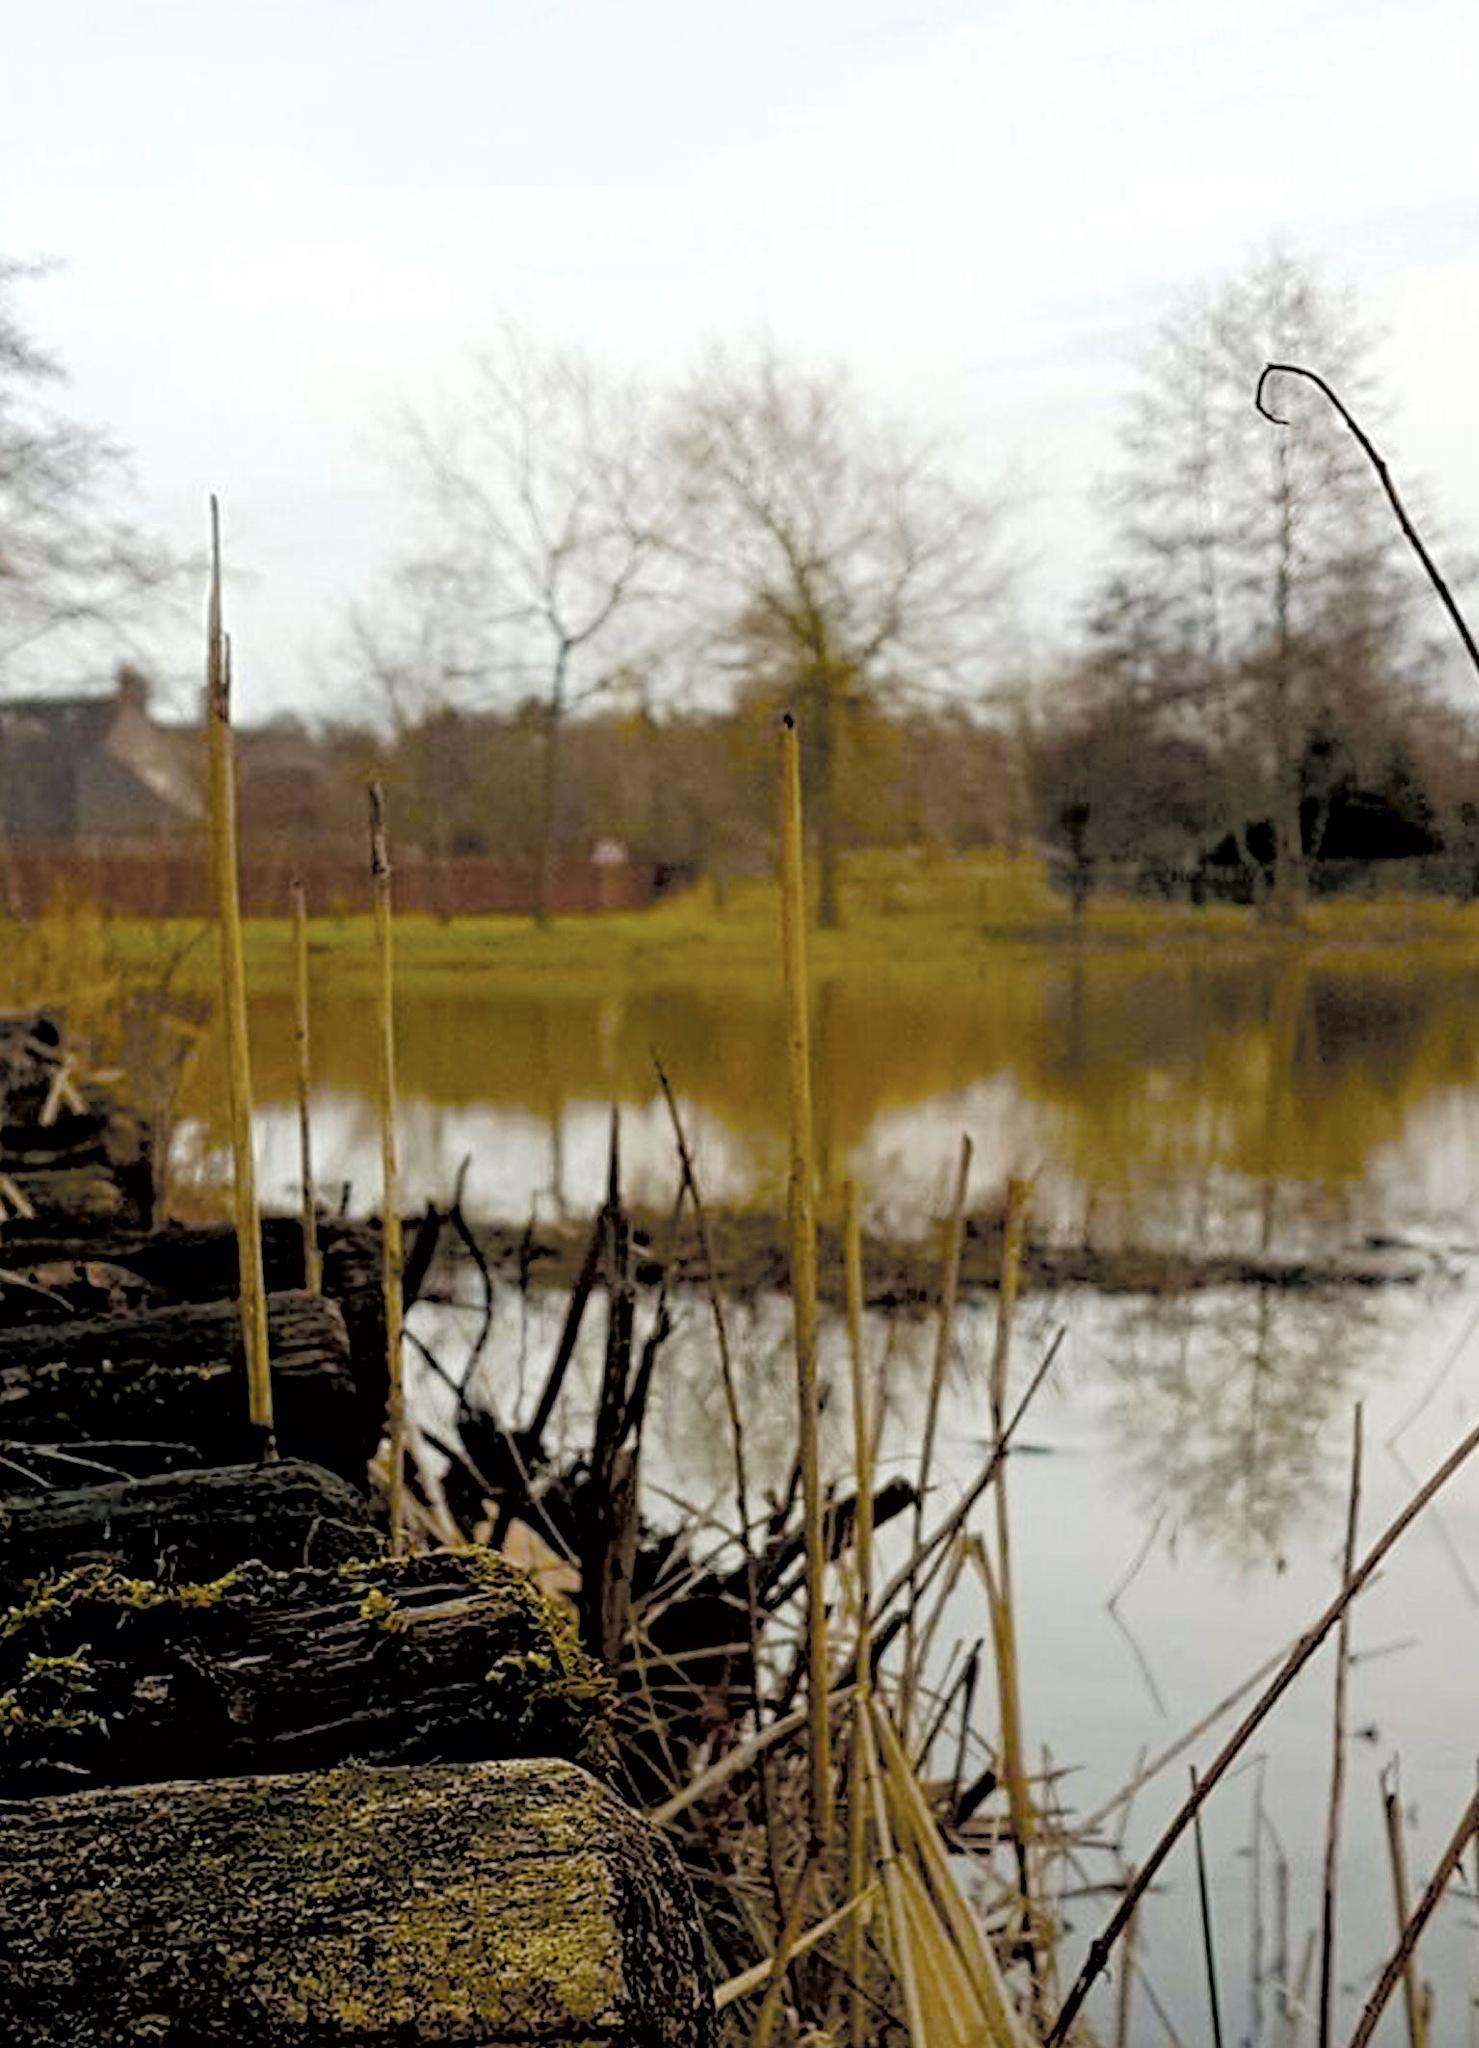 A weekend walk by Yolanda de Fijter